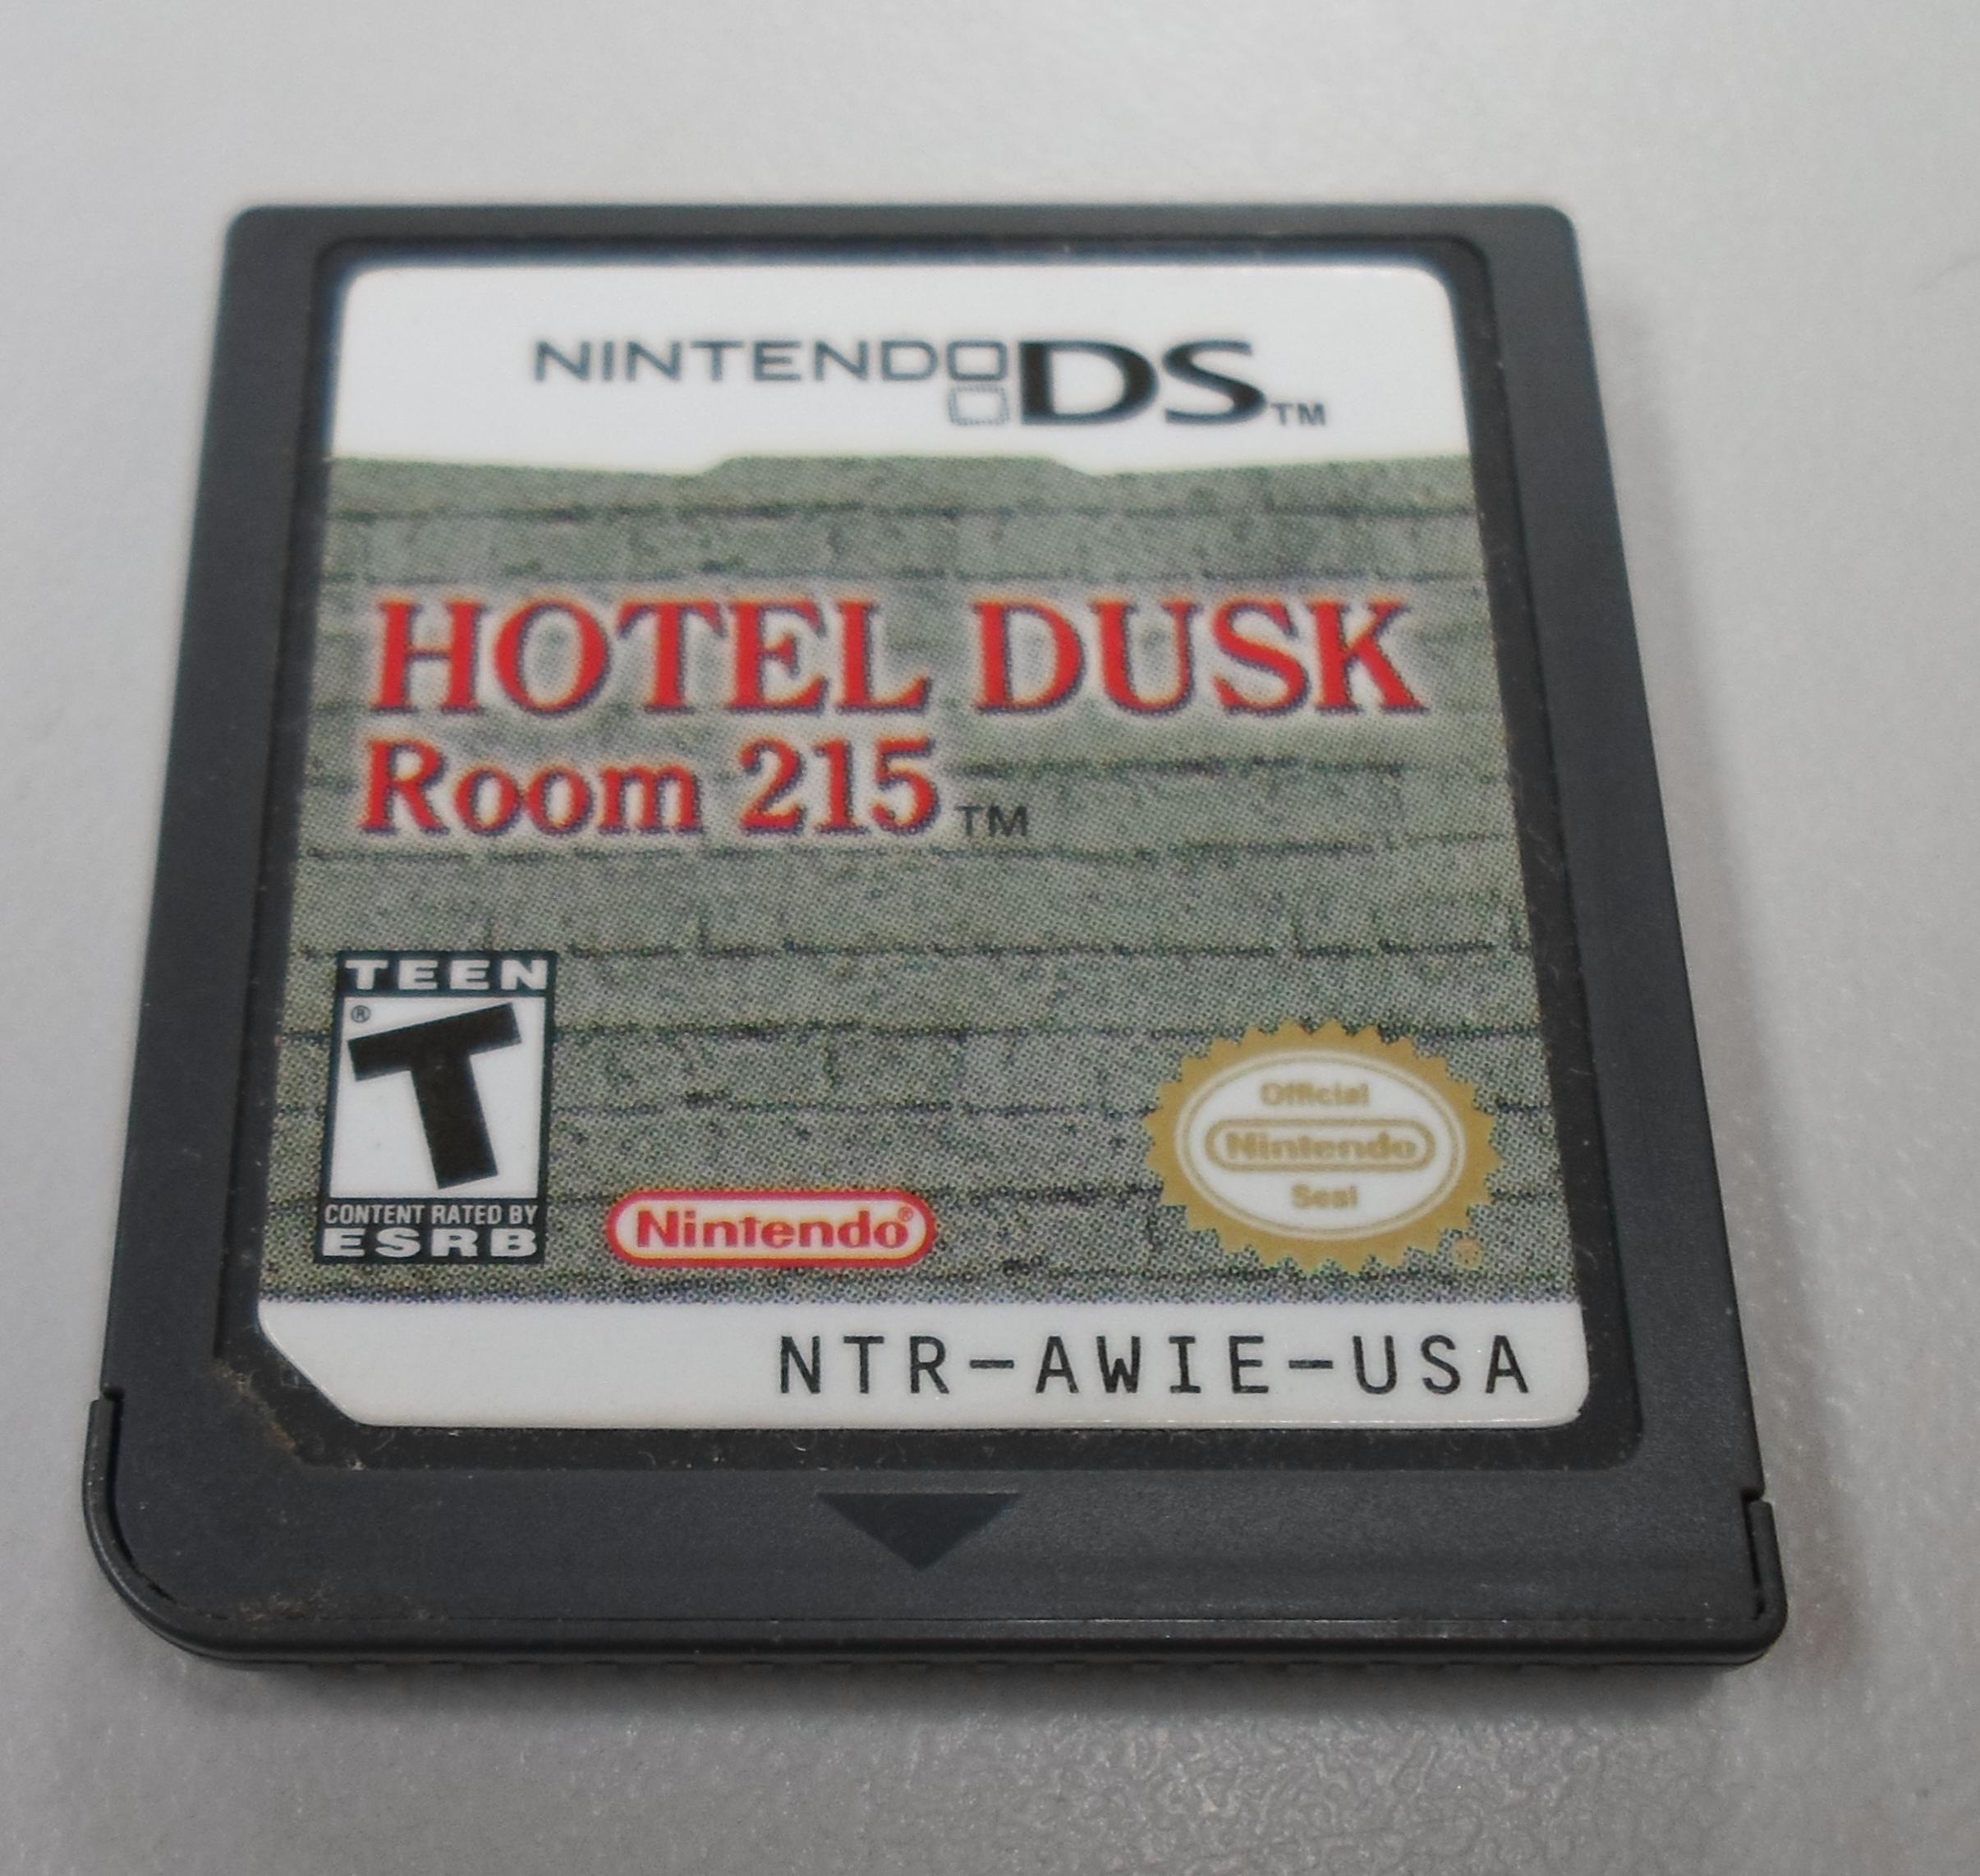 HOTEL DUSK TIL DAWN ROOM 215 - NINTENDO DS GAME